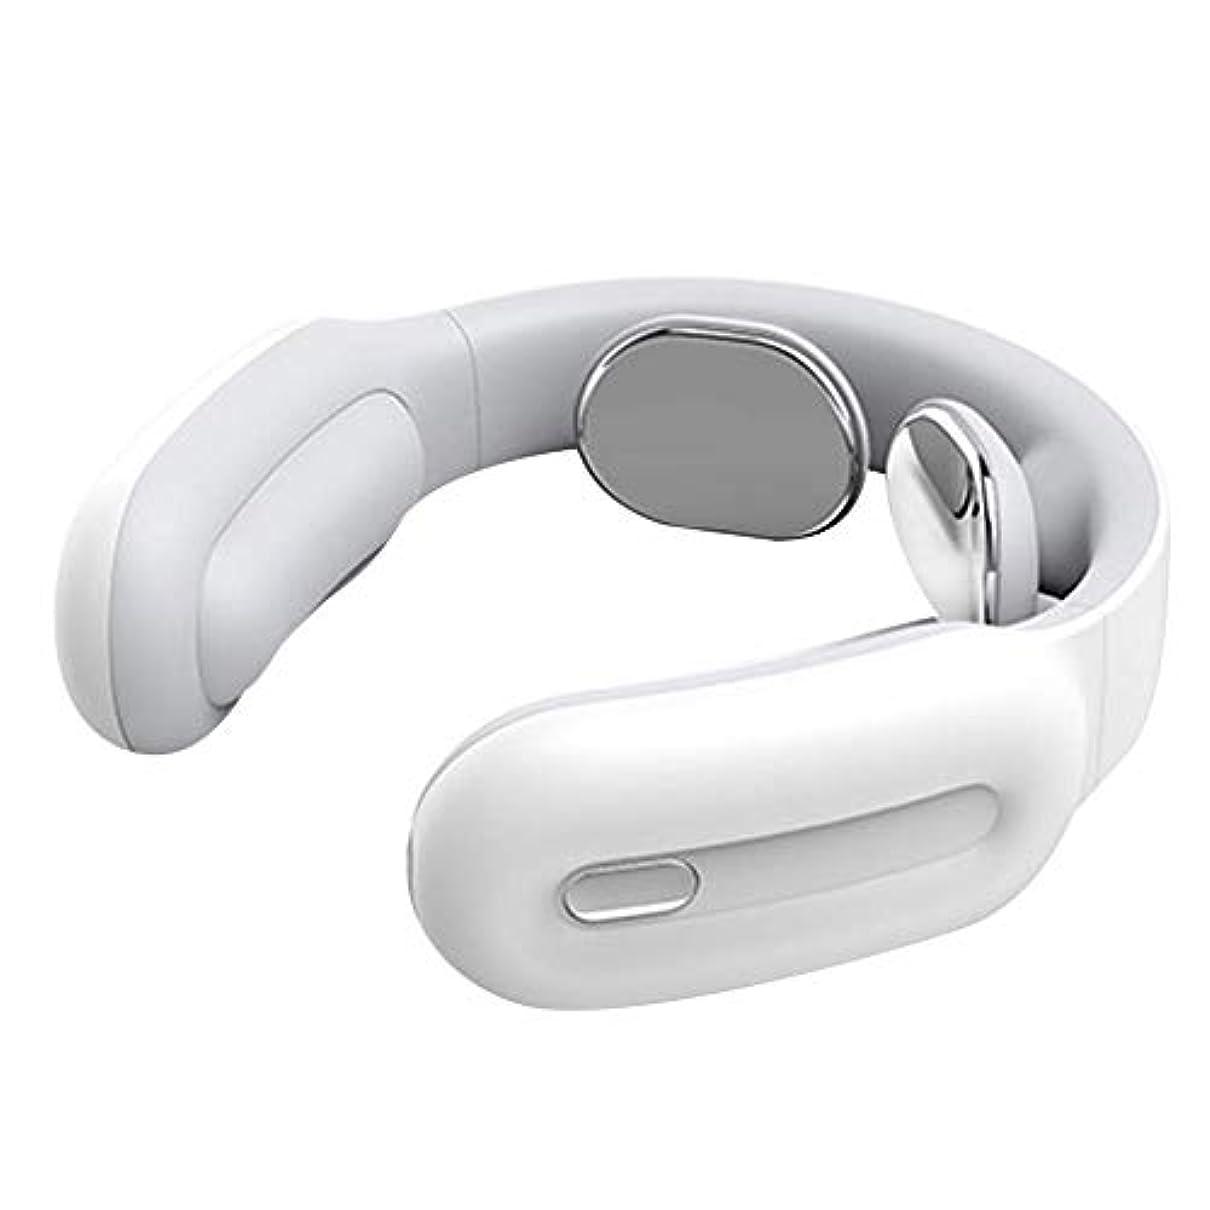 構成トランジスタ是正するBEIHUAN 多機能の理性的な頚部および首のマッサージャー、携帯用電気専門のマッサージャーの背部肩の多色刷り任意 (Color : White)